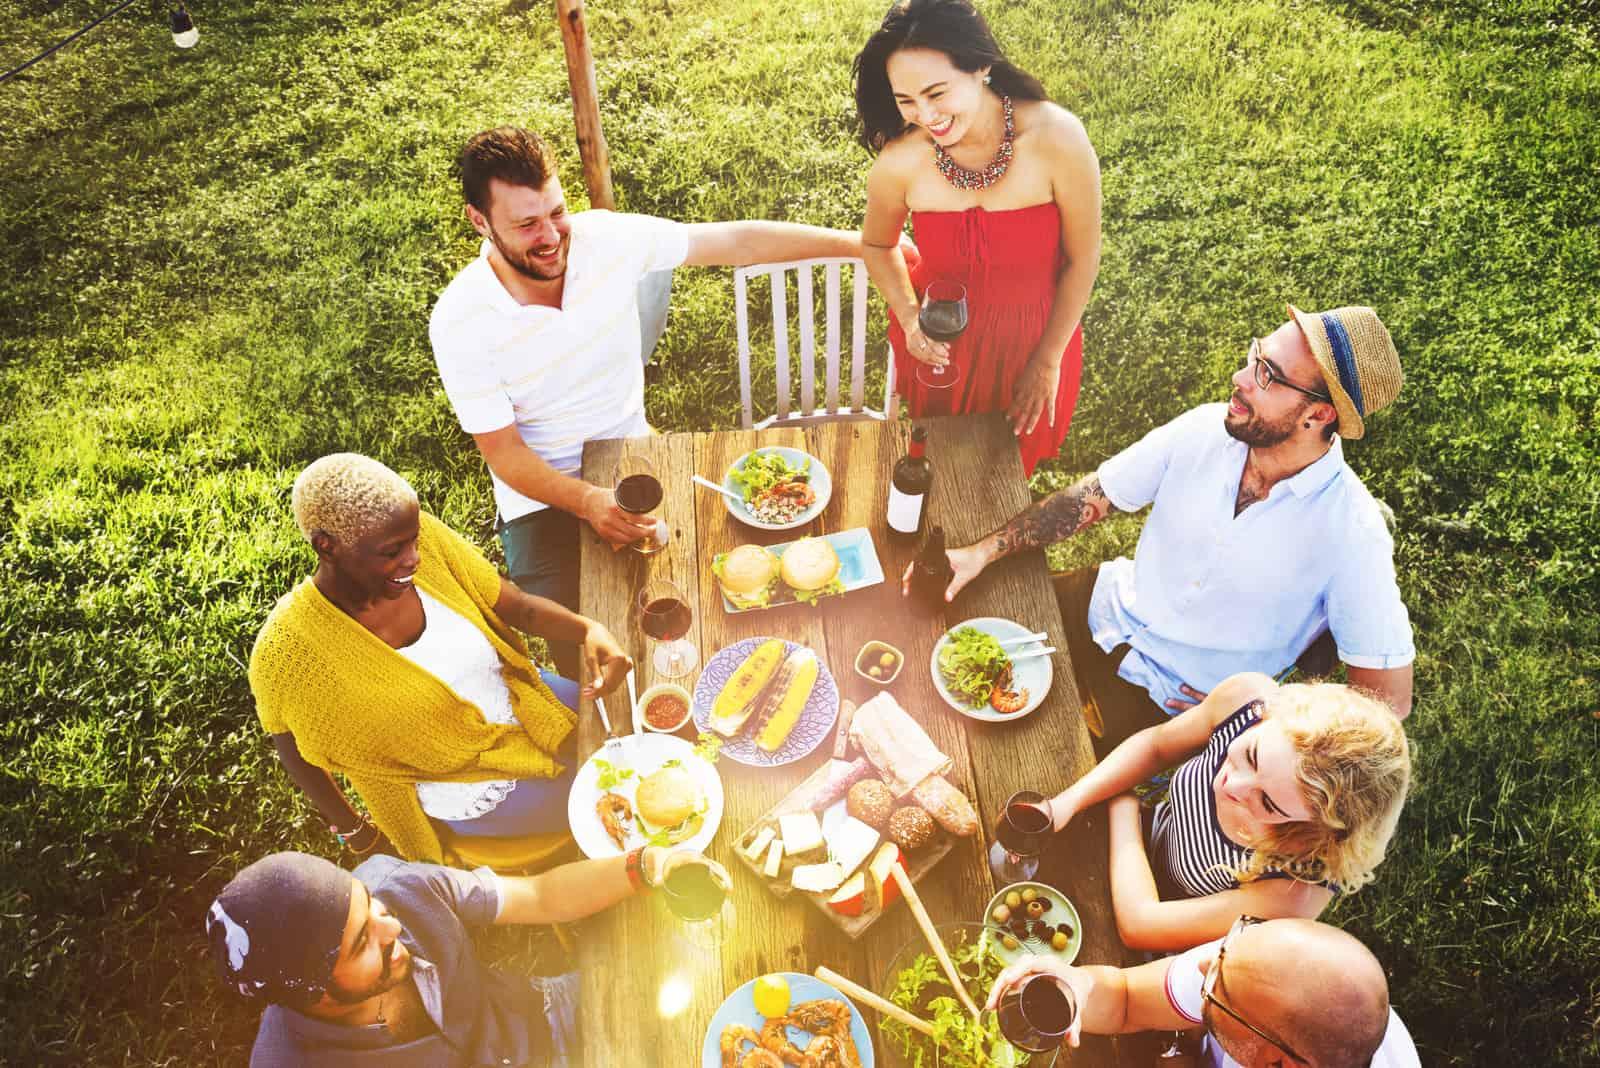 Im Garten isst eine Gruppe von Freunden zu Mittag und hat Spaß